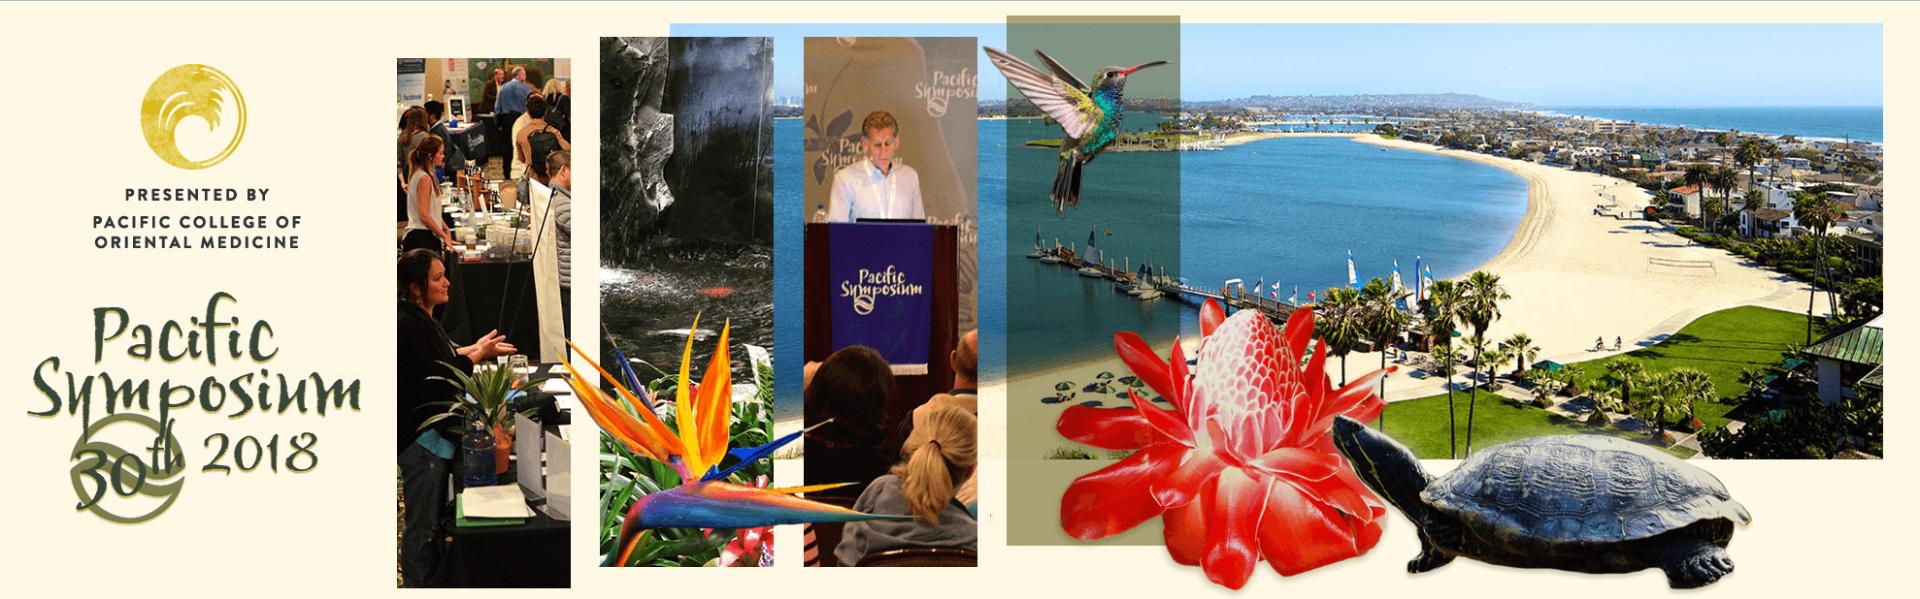 Pacific Symposium 2018